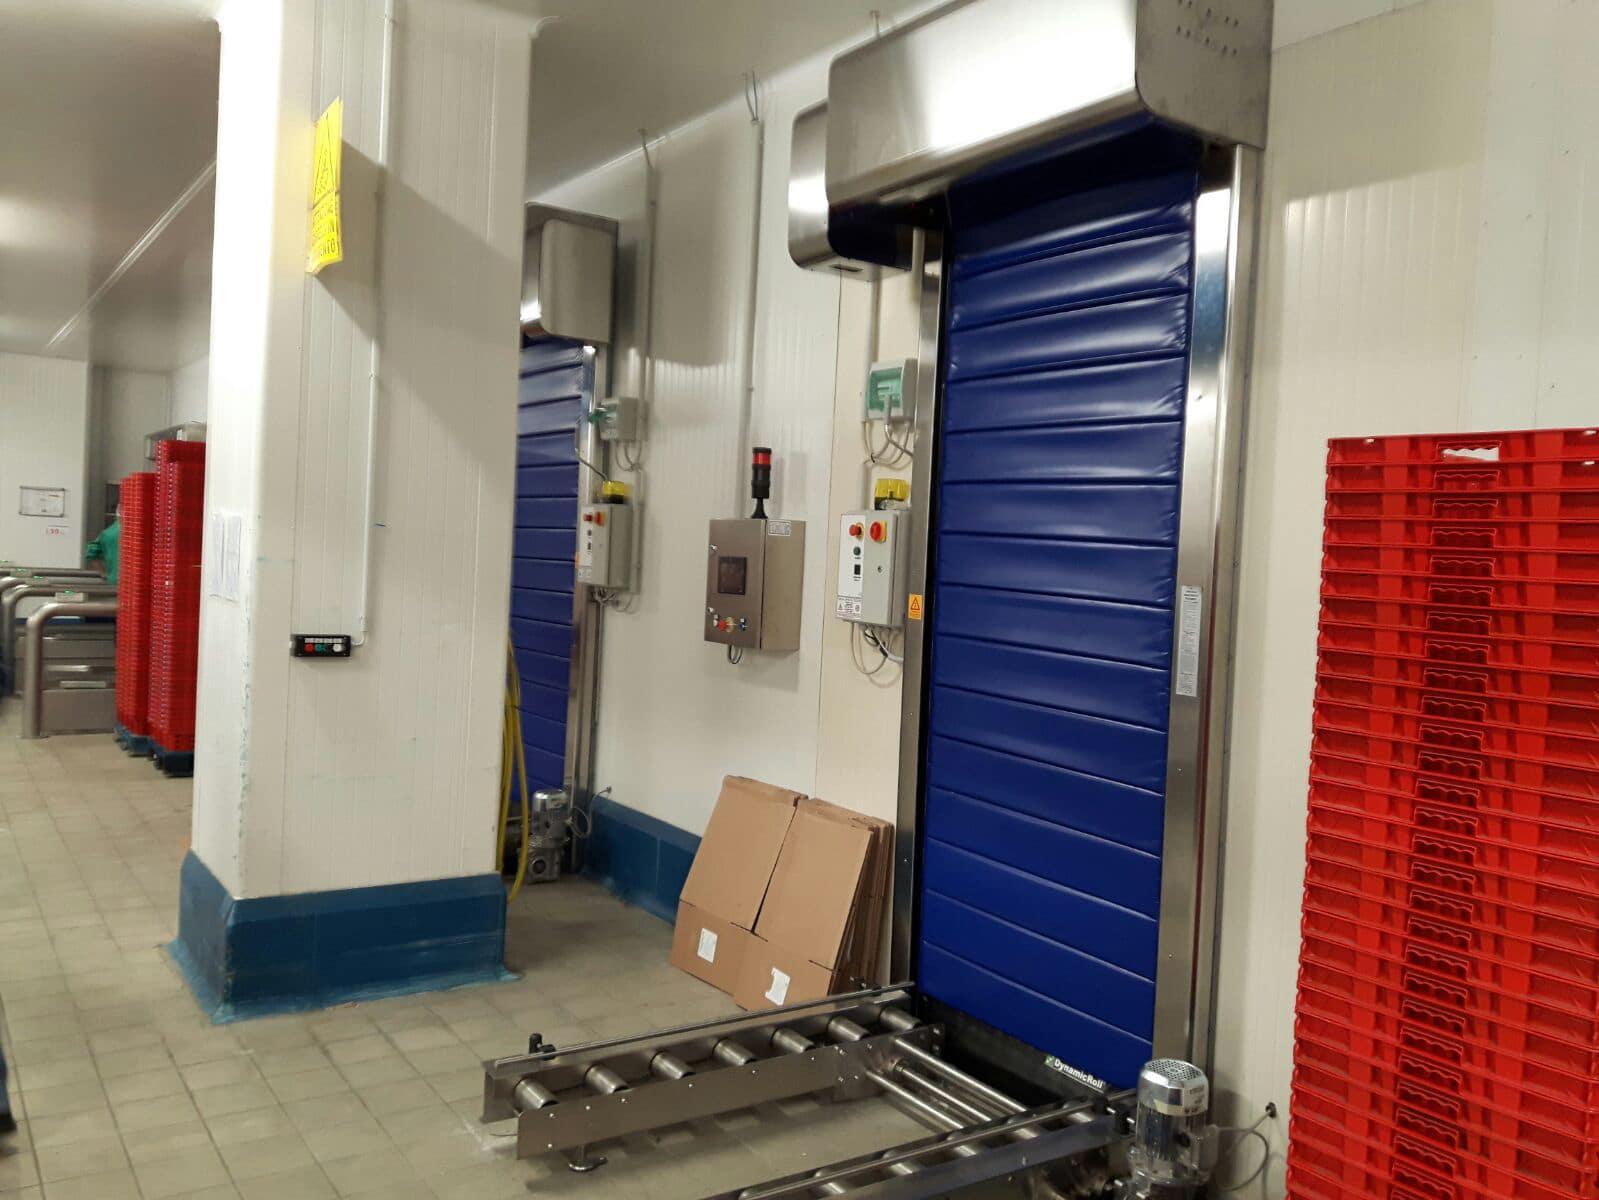 porte autoriparanti pvc frigo1 per celle frigorifere